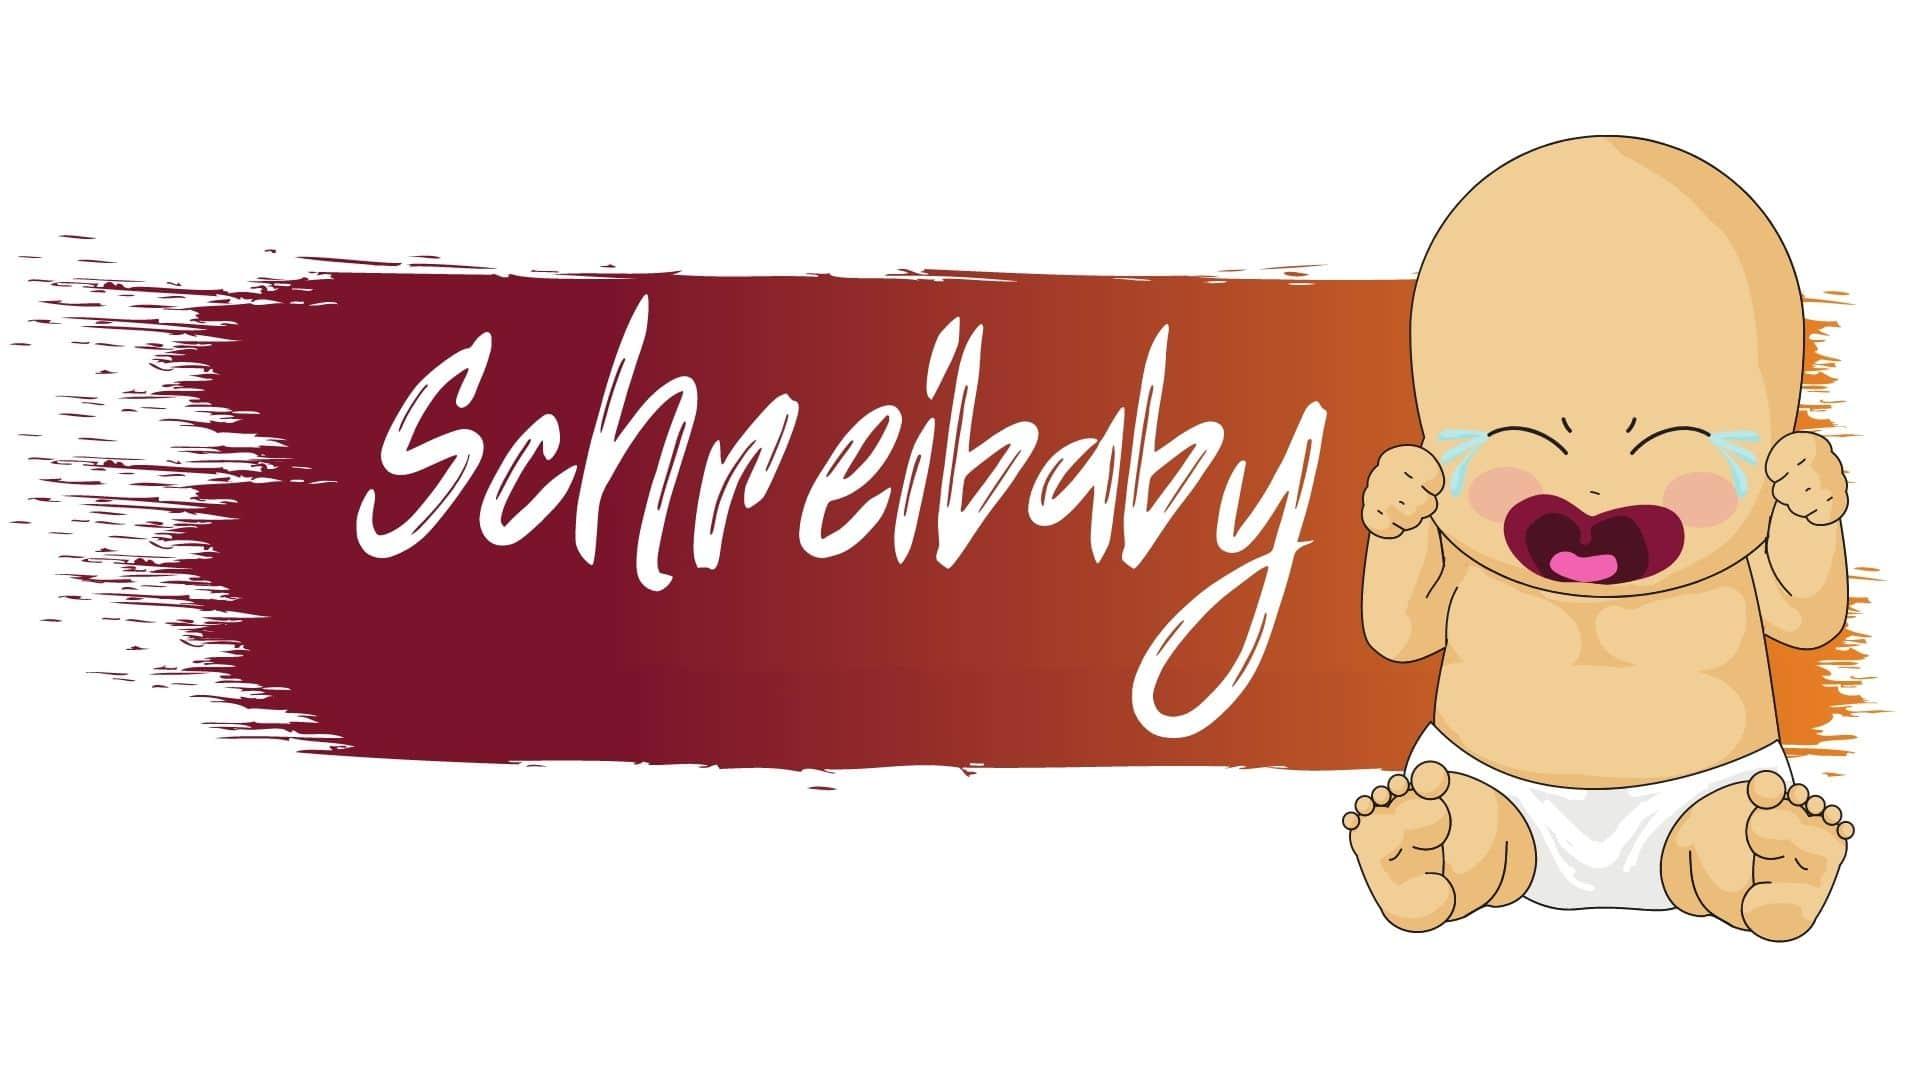 Geburtsvorbereitung 1.. Trimester 2. Trimester 3. Trimester Geburtschmerzen Partner bei Geburt Elterngeld Schwangerschaftstest Schreibaby Hebamme finden Schwangerschaftsvorsorge Schwangerschaftsübelkeit Mutterpass Geburtsplan